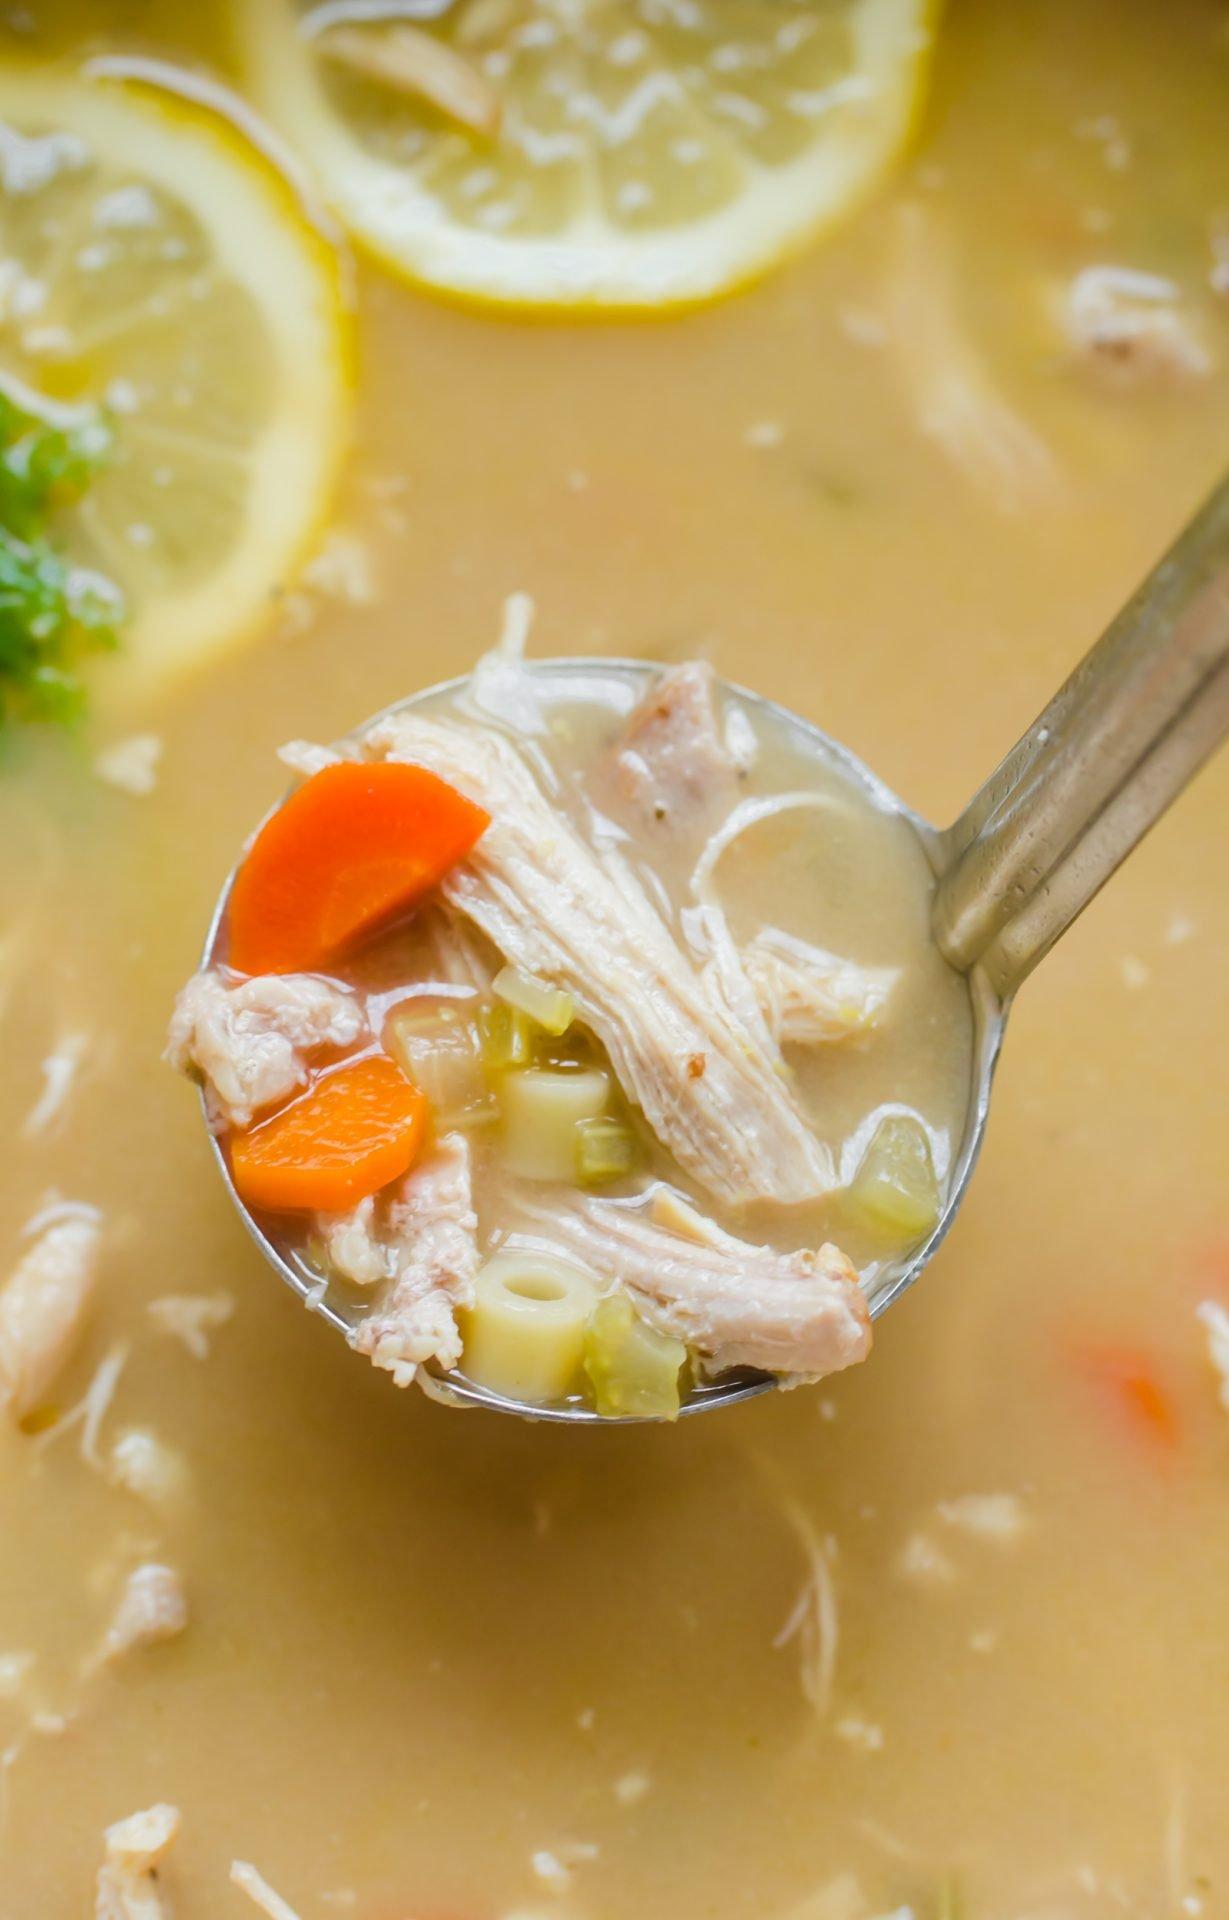 A ladle in a pot of lemon chicken noodle soup.